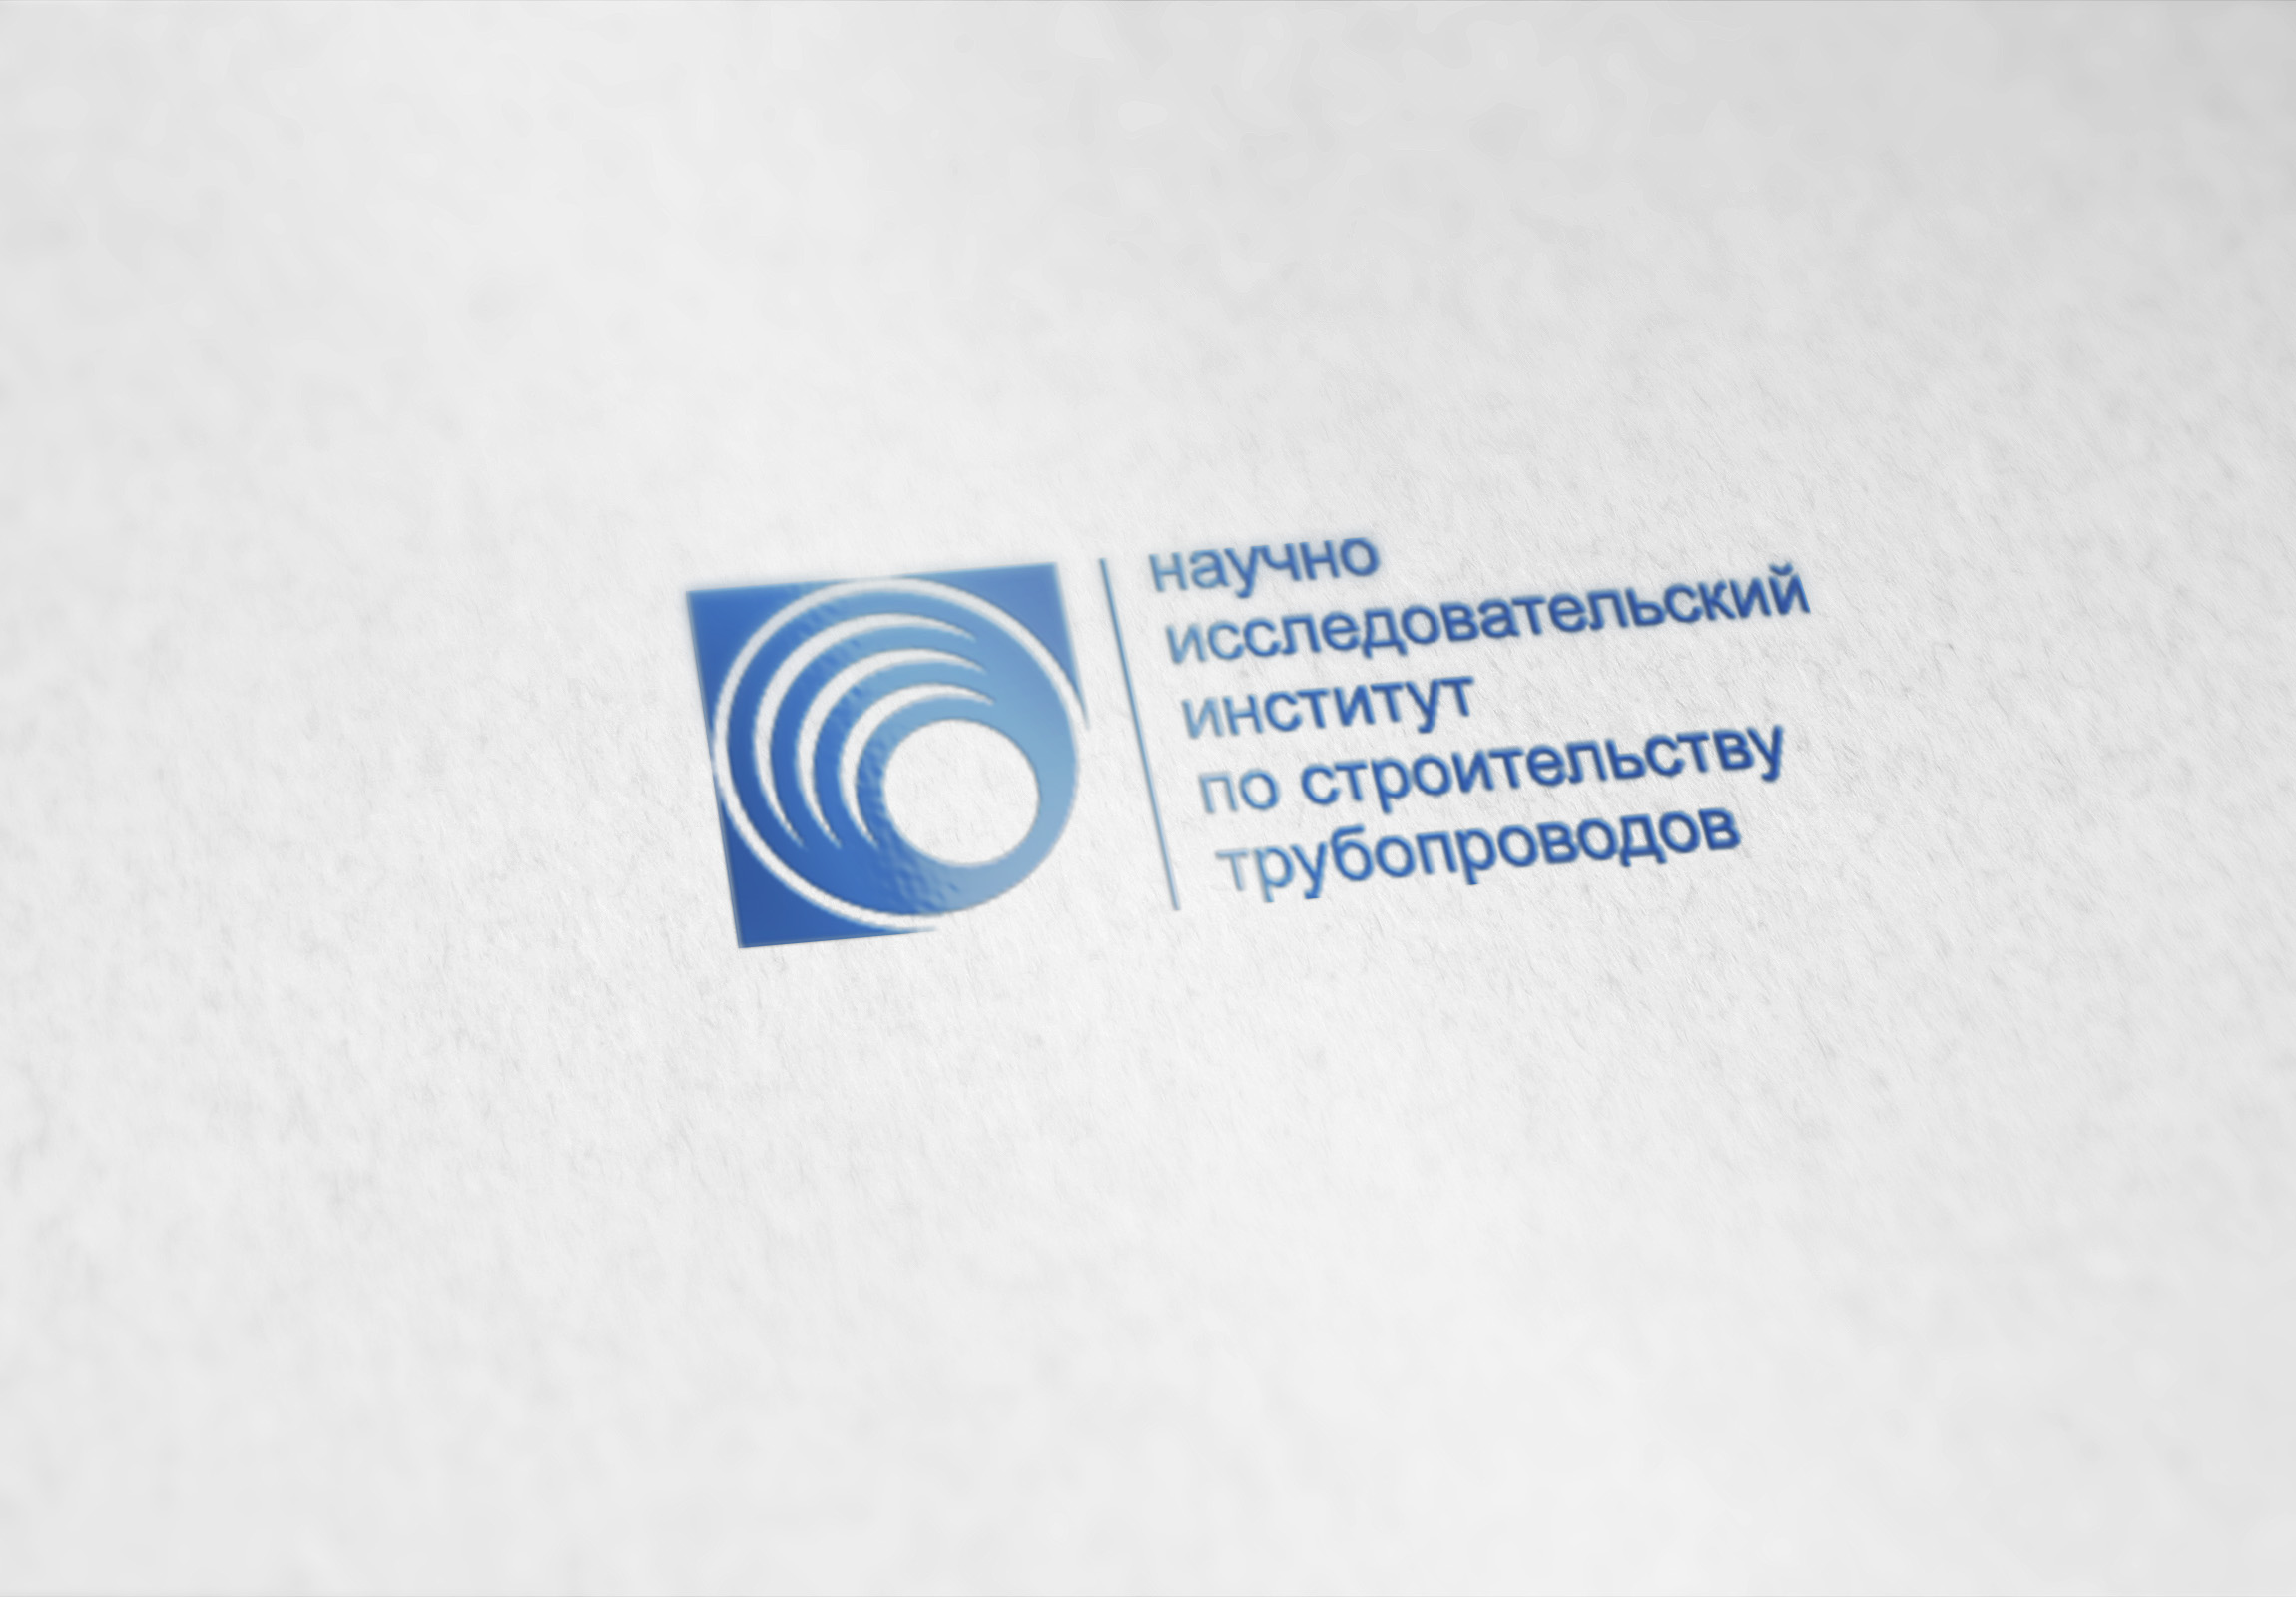 Разработка логотипа фото f_2545ba23d5d4d829.jpg